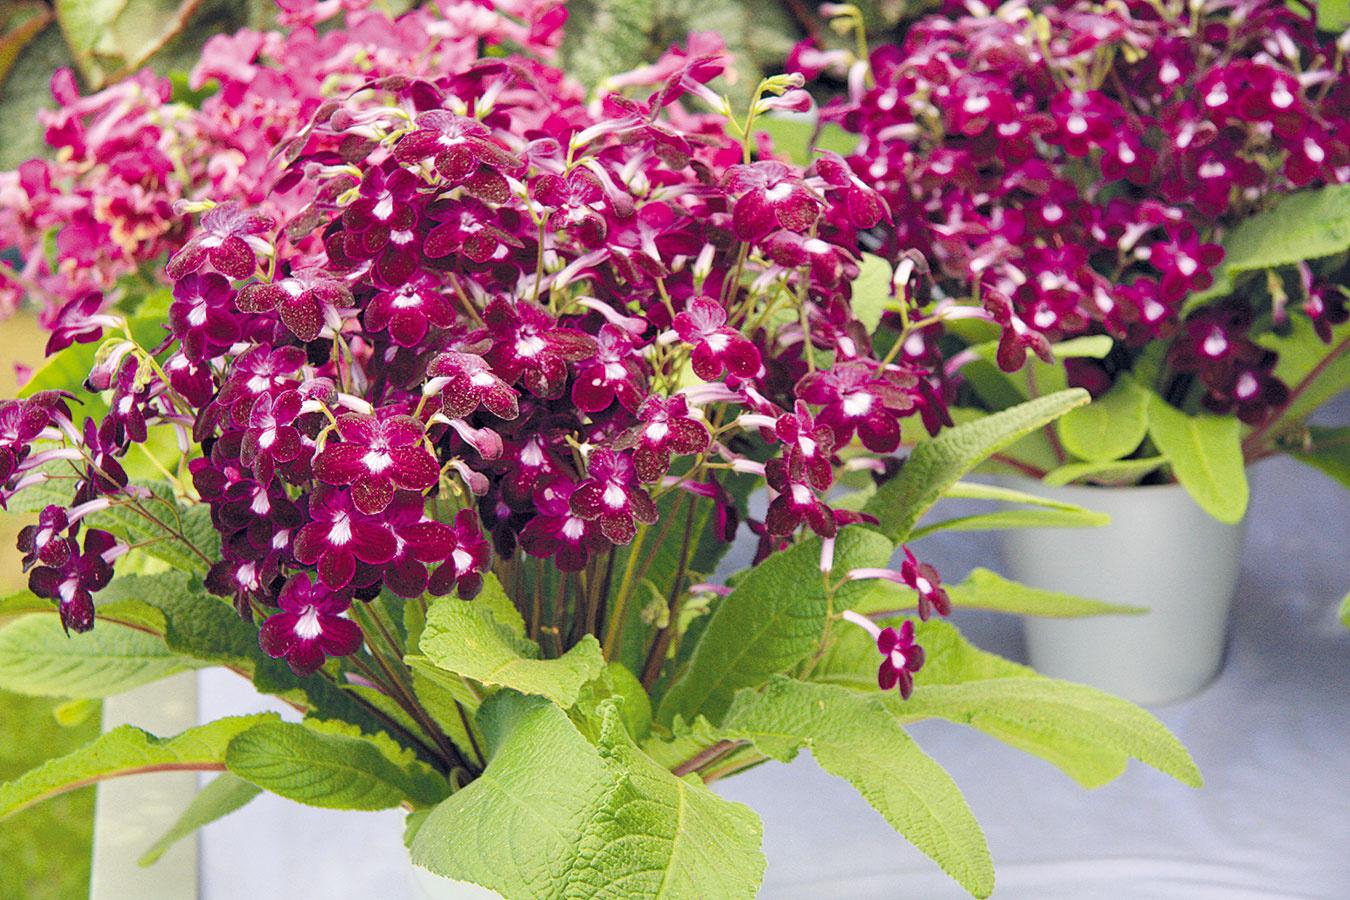 Streptokarp (Streptocarpus hybrid) patrí kmálo pestovaným, ale vďačným izbovým rastlinám. Prednosťou tejto rastliny so životnosťou najviac tri roky je bohaté kvitnutie najmä na začiatku akonci zimy. Jej domovinou sú tropické africké lesy, preto vyžaduje vyššiu vzdušnú vlhkosť, ktorá je predpokladom pekne vyfarbených kvetov. Tie sú lievikovité avzávislosti od kultivaru môžu mať rôzne farby (okrem žltej). Rastline vyhovuje svetlé, prípadne polotienisté miesto ateplota okolo 20 °C, vchladnejších priestoroch kvitne menej. Substrát je potrebné udržiavať neustále mierne vlhký apotrebné je aj prihnojovanie raz za 14 dní. Tvorbu kvetov podporuje popri hnojení aj odstraňovanie tých odkvitnutých. Streptokarp vyniká najmä vo vidieckych interiéroch, napríklad na parapete vkuchyni.